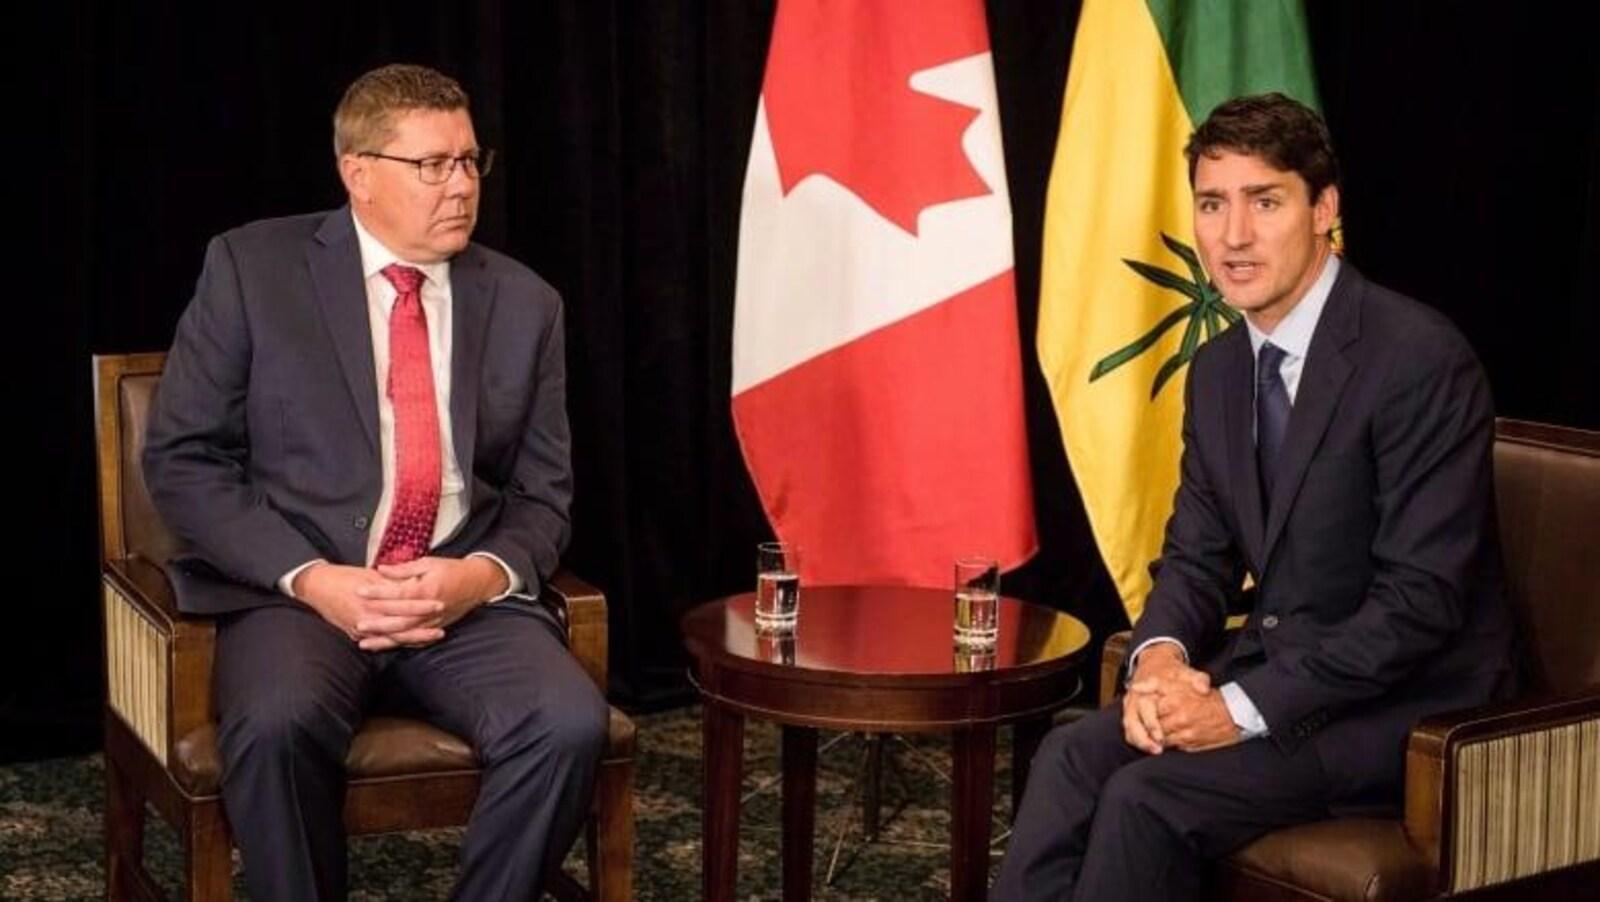 Scott Moe et Justin Trudeau assis lors d'une rencontre officielle.